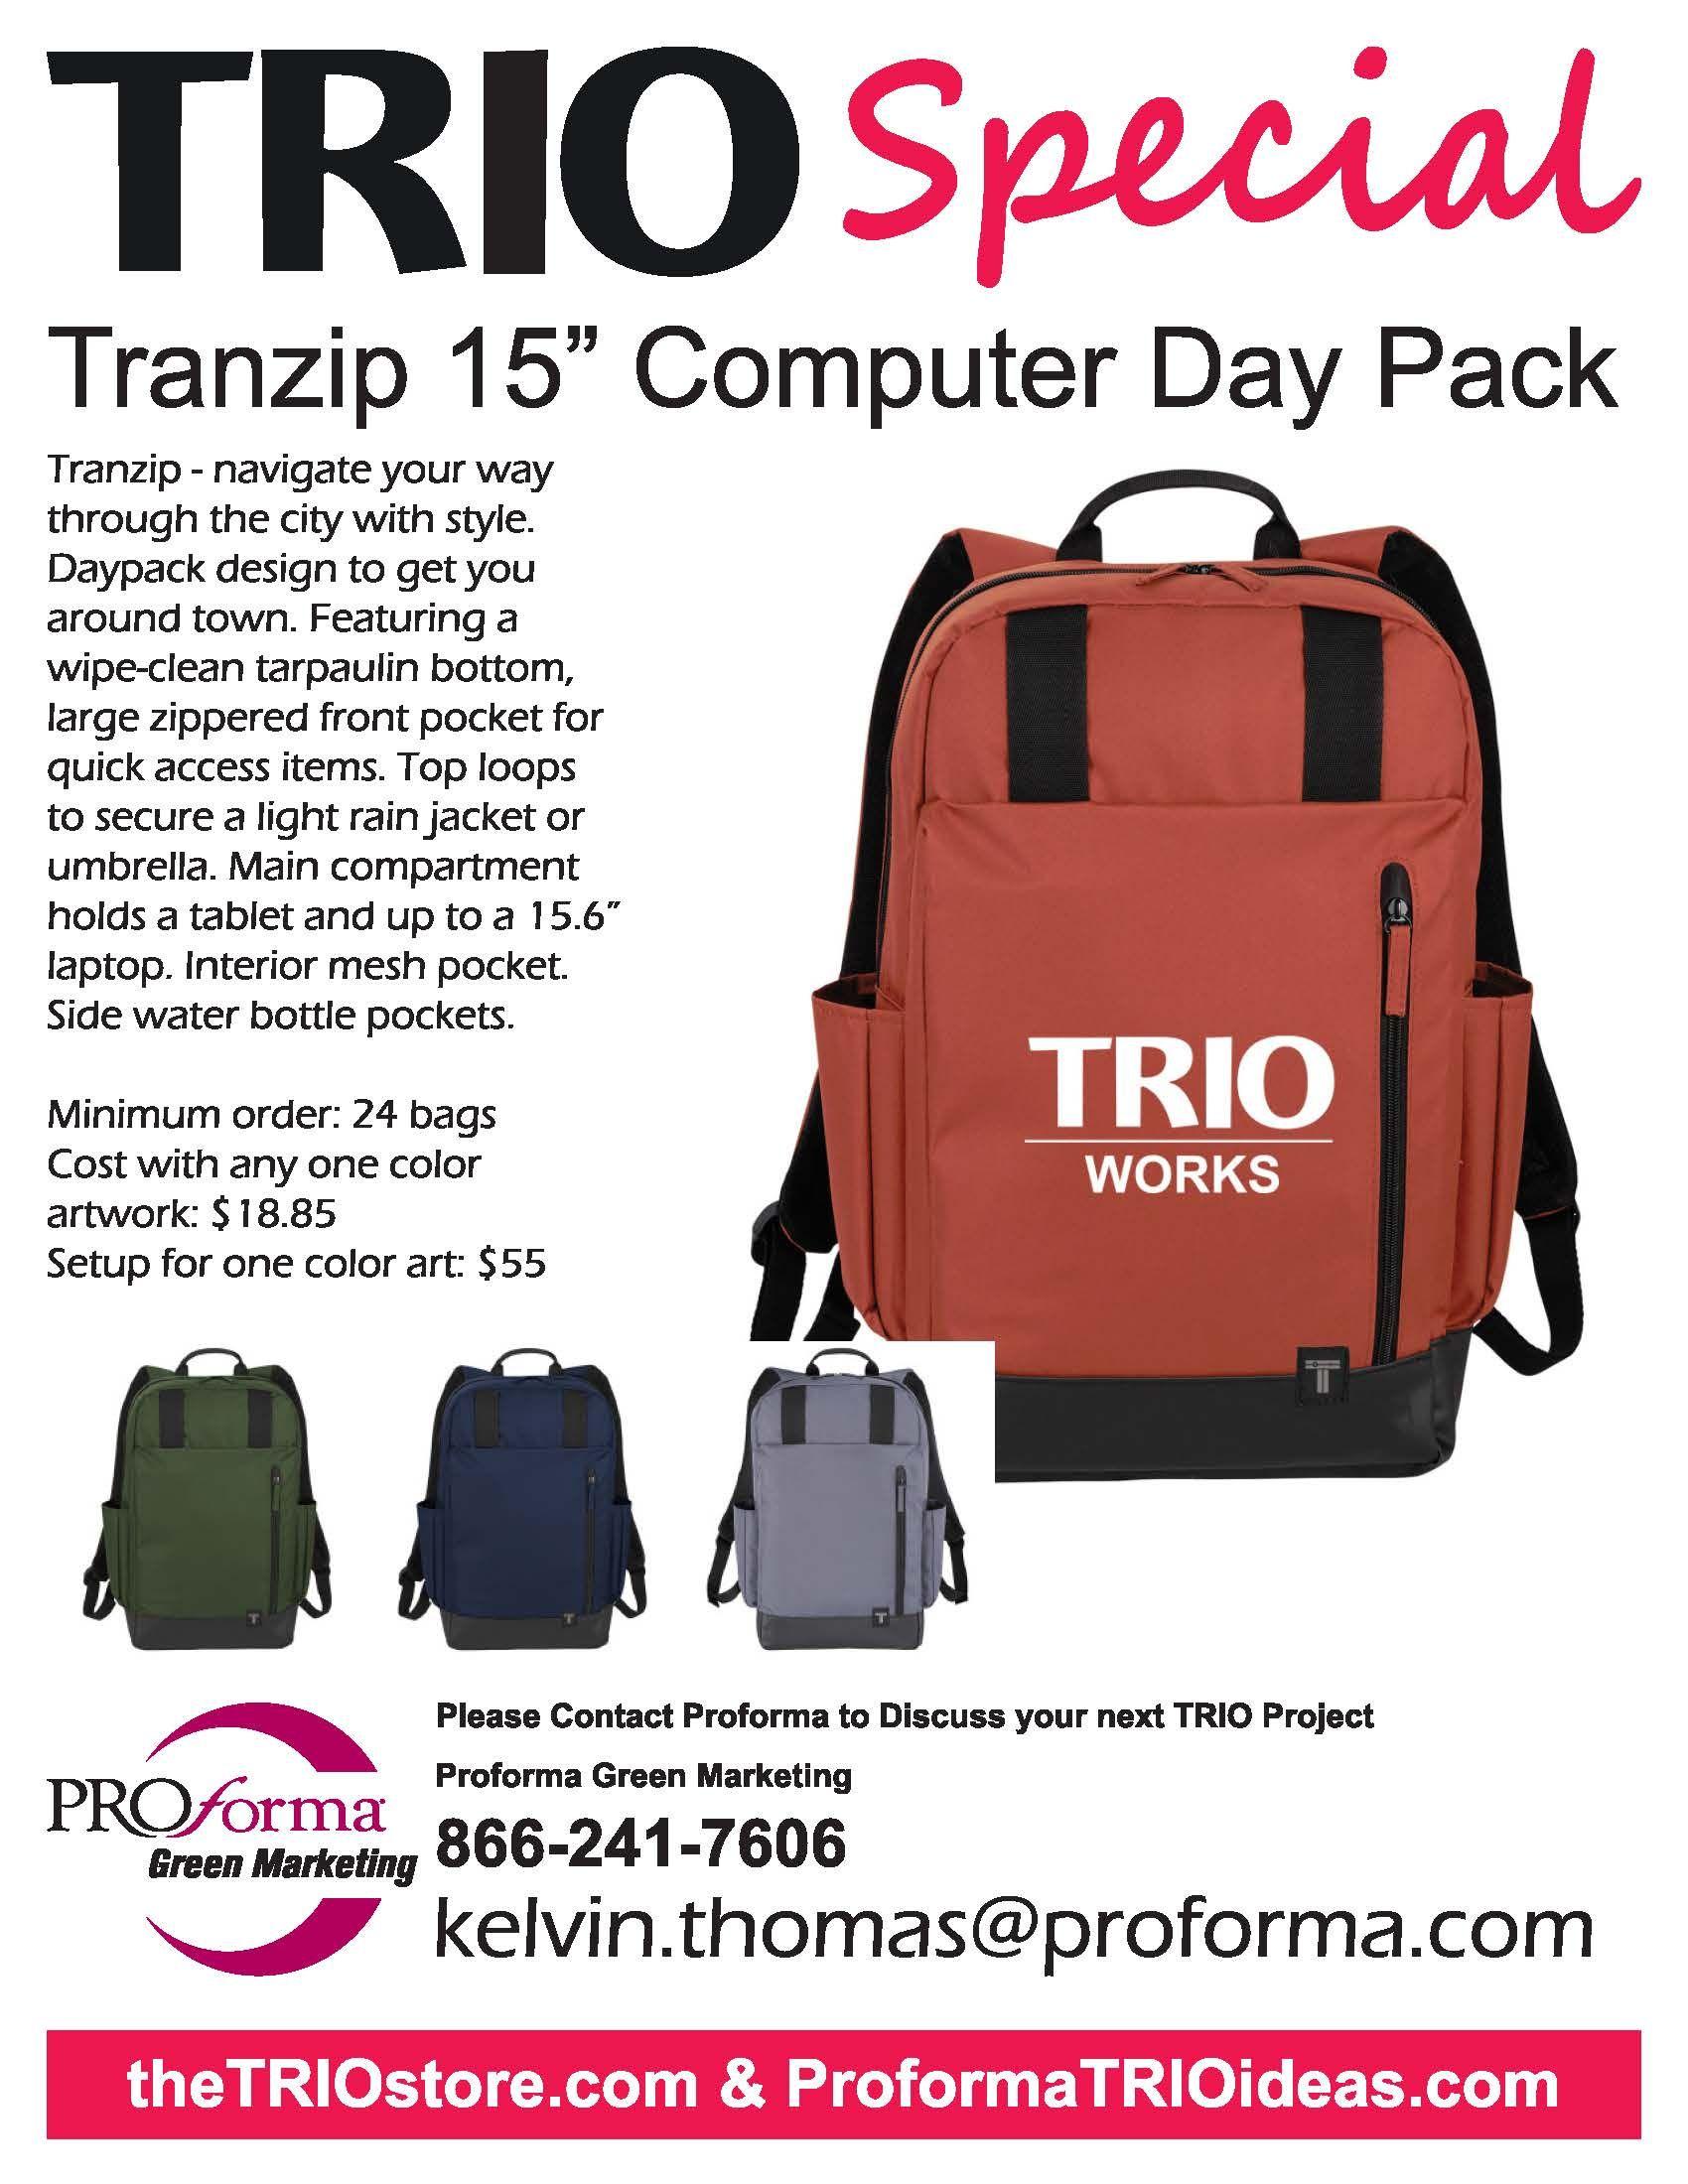 TRIO Tranzip Computer Day Pack